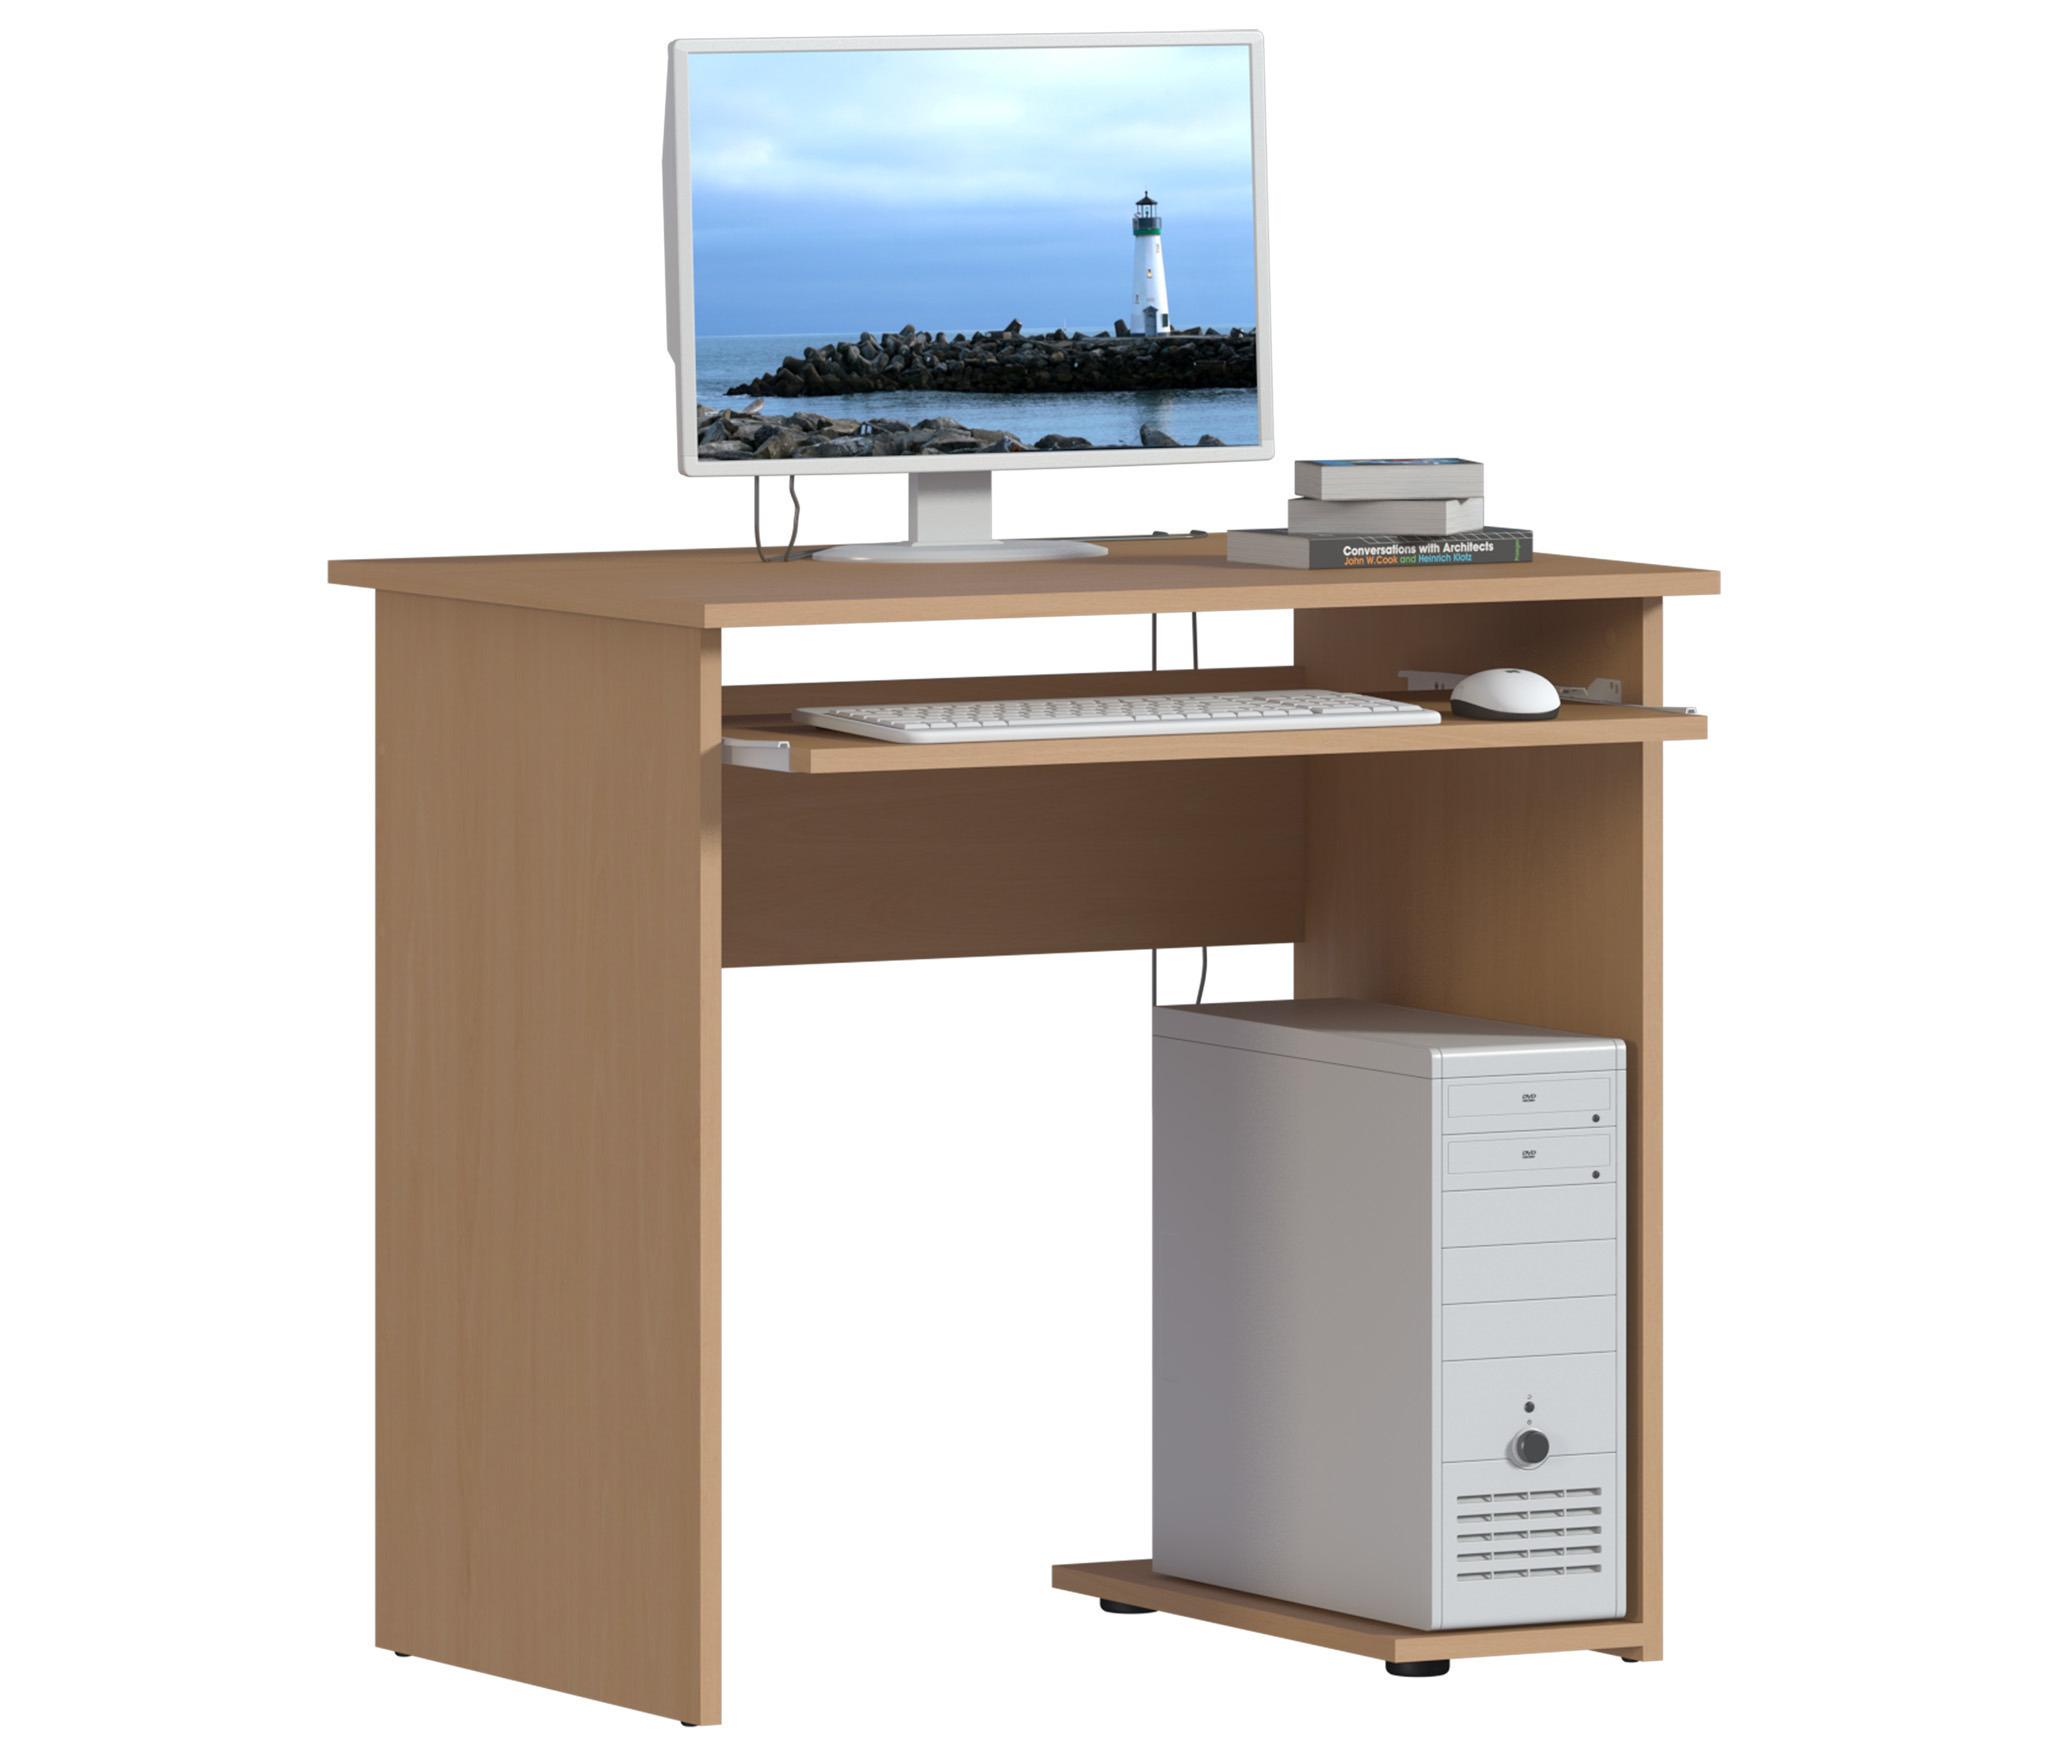 Стол для компьютера Столплит 14719726 от Столплит